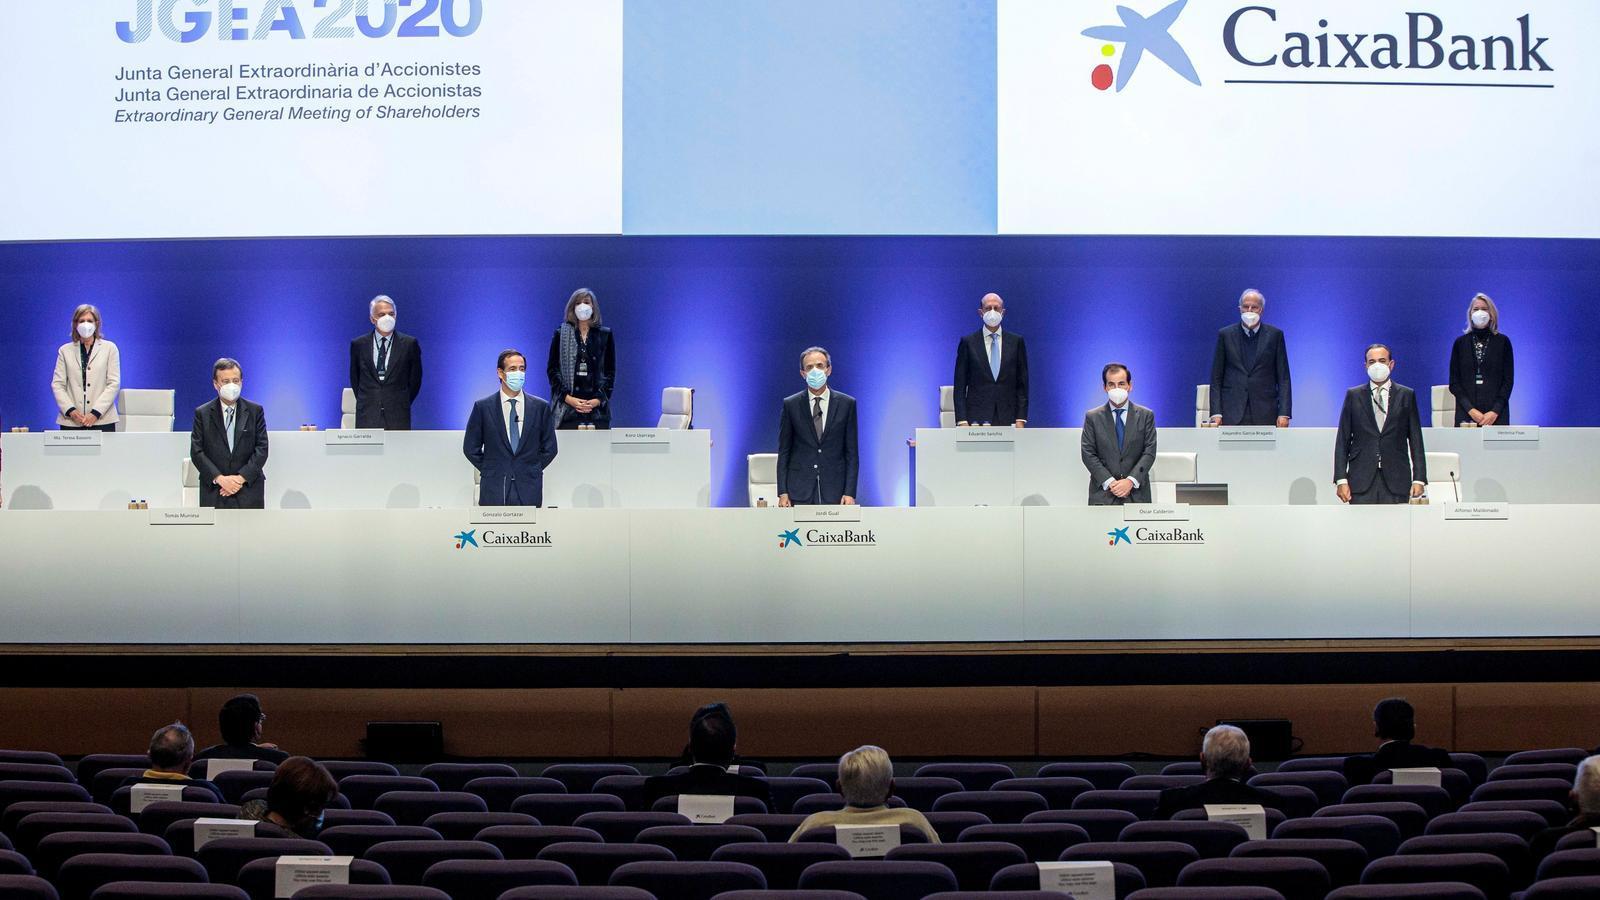 El president de CaixaBank, Jordi Gual (c), i el conseller delegat, Gonzalo Gortázar (2e), durant la junta d'accionistes de CaixaBank per a donar llum verda al projecte de fusió amb Bankia